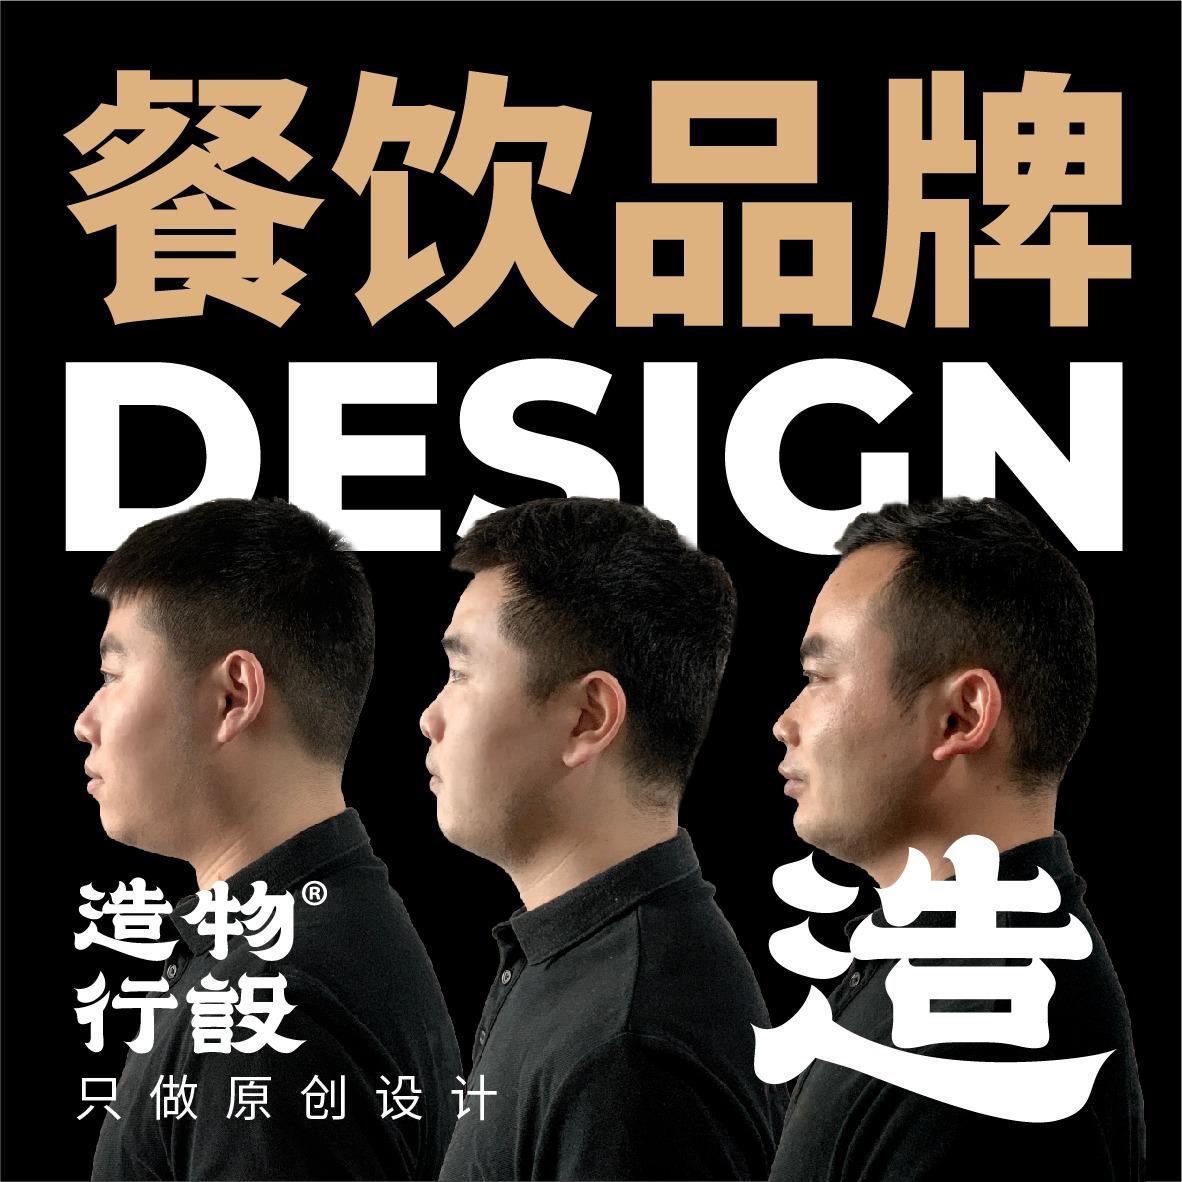 餐饮品牌 设计 食品超市咖啡饮品服装烘培餐厅火锅 vi 全套 设计 全案